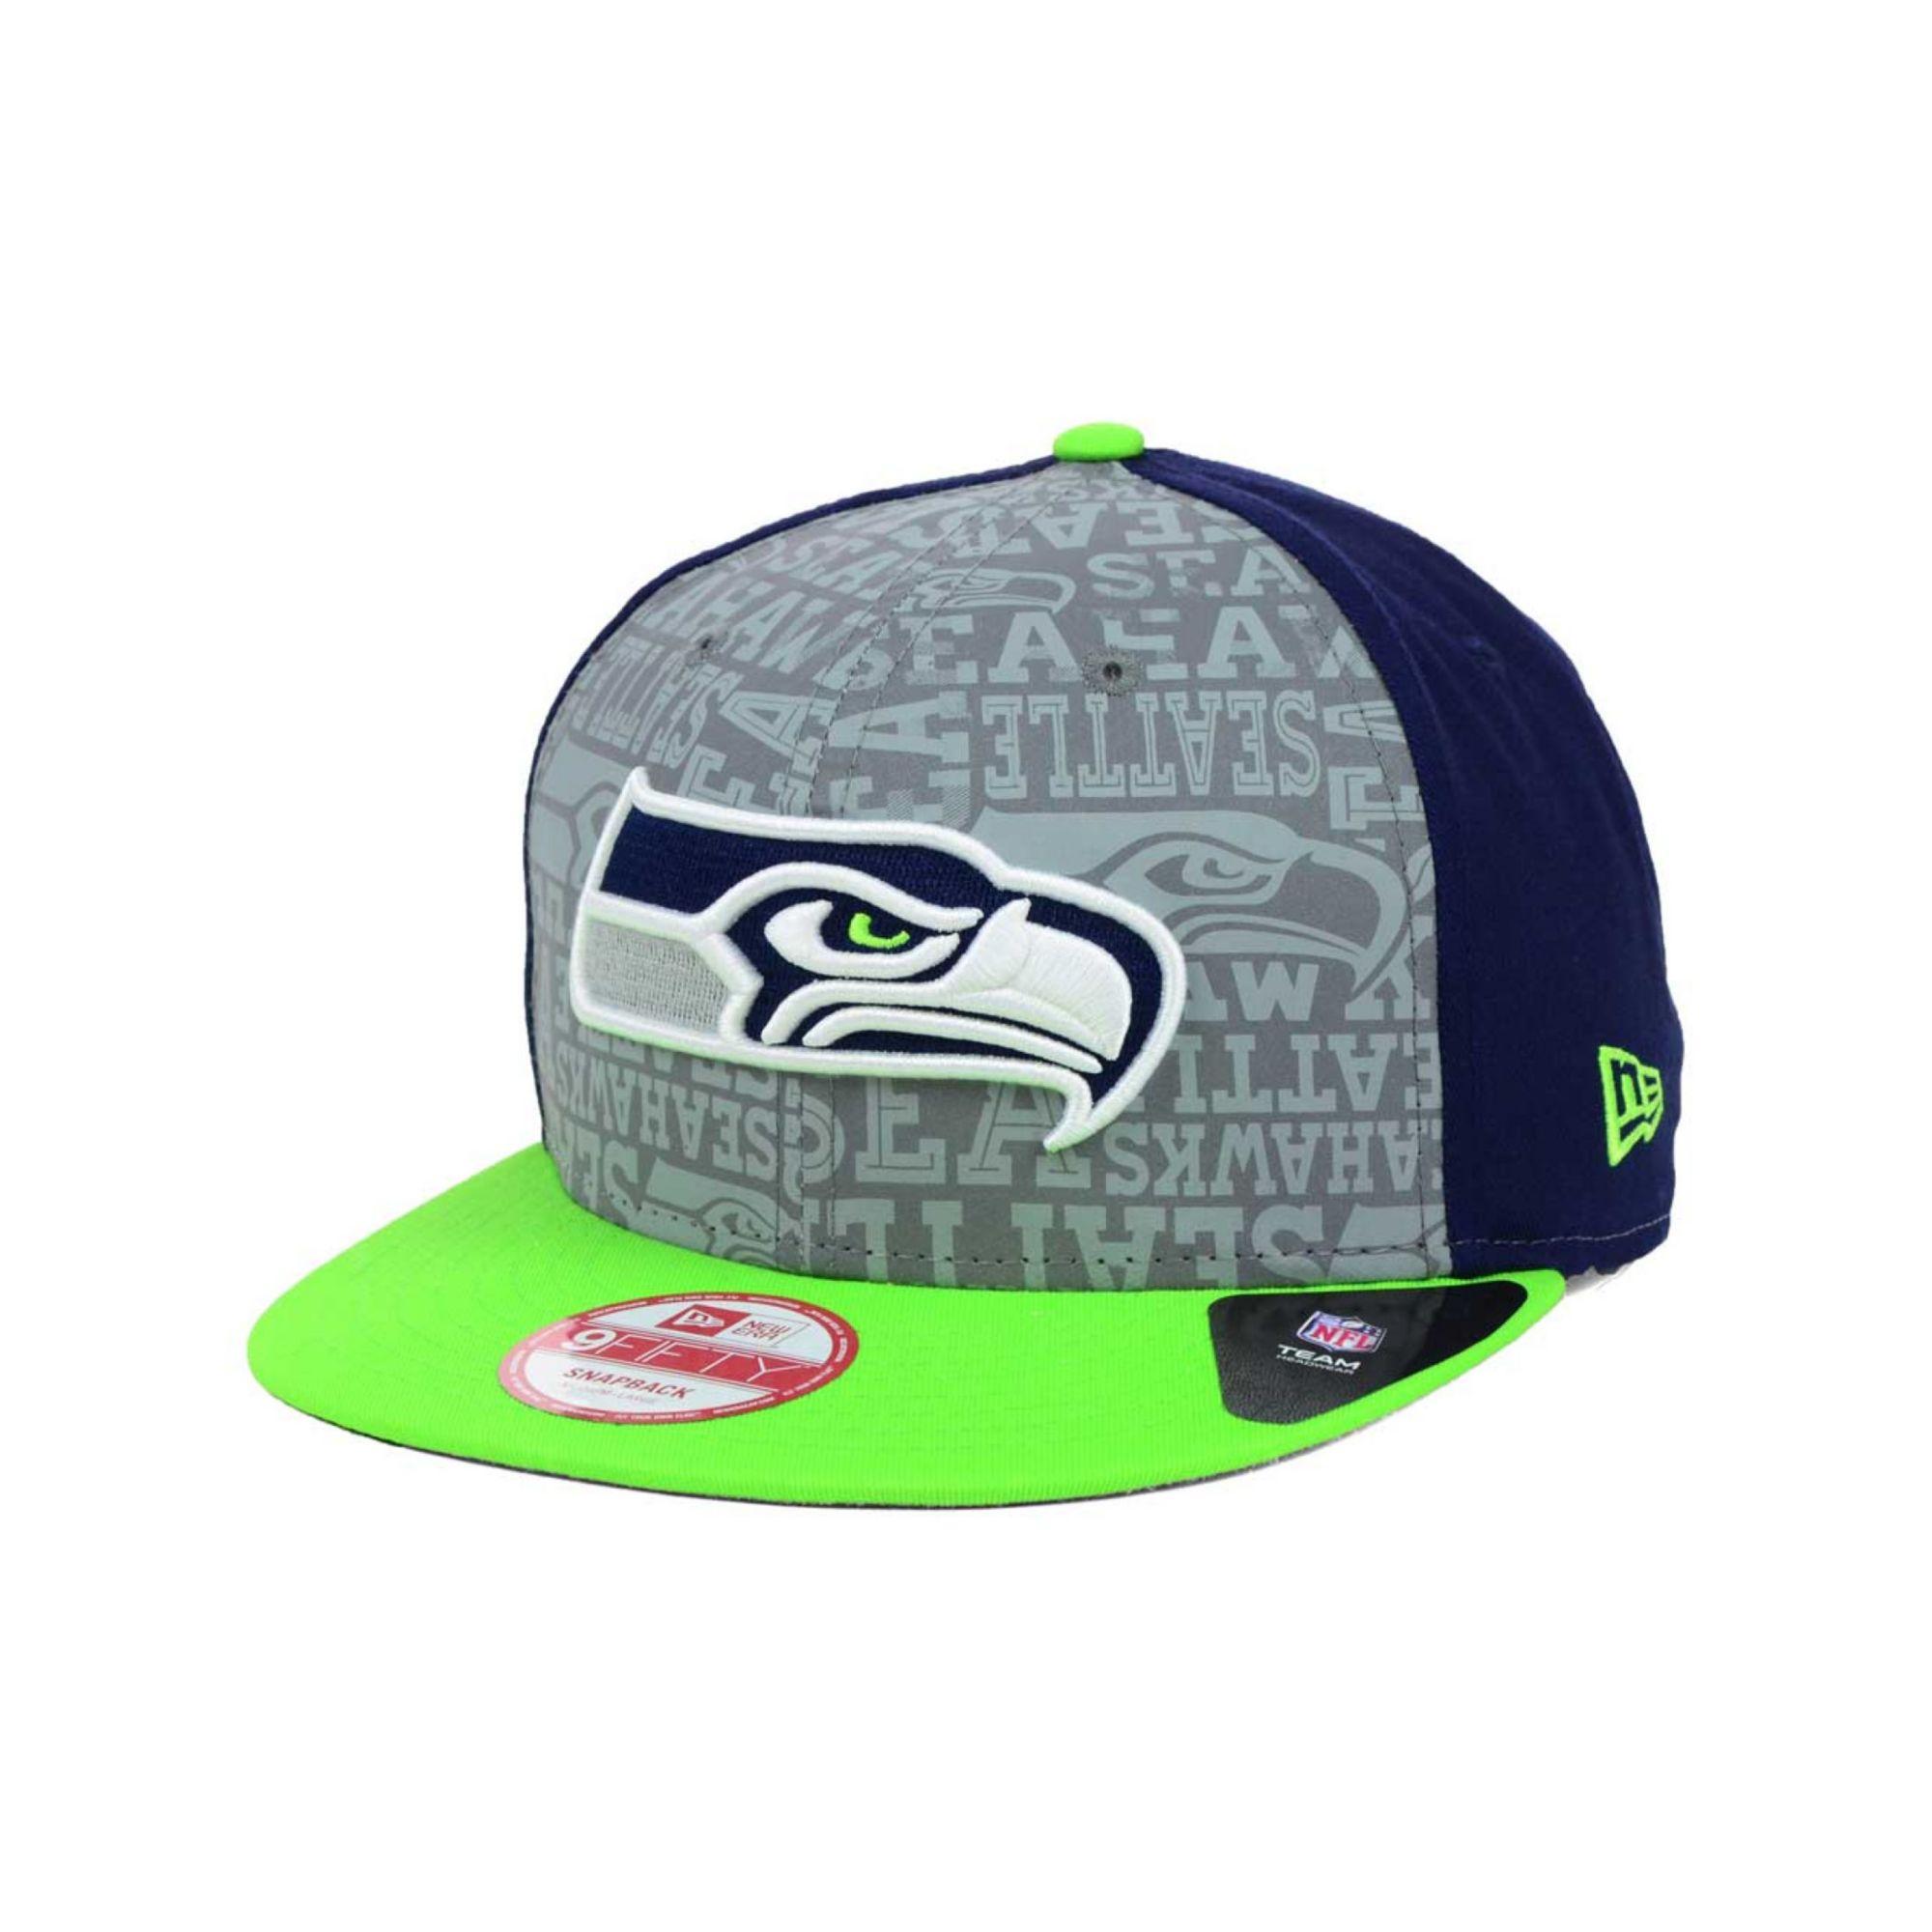 027c80e87 Lyst - KTZ Seattle Seahawks Nfl Draft 9fifty Snapback Cap in Green ...